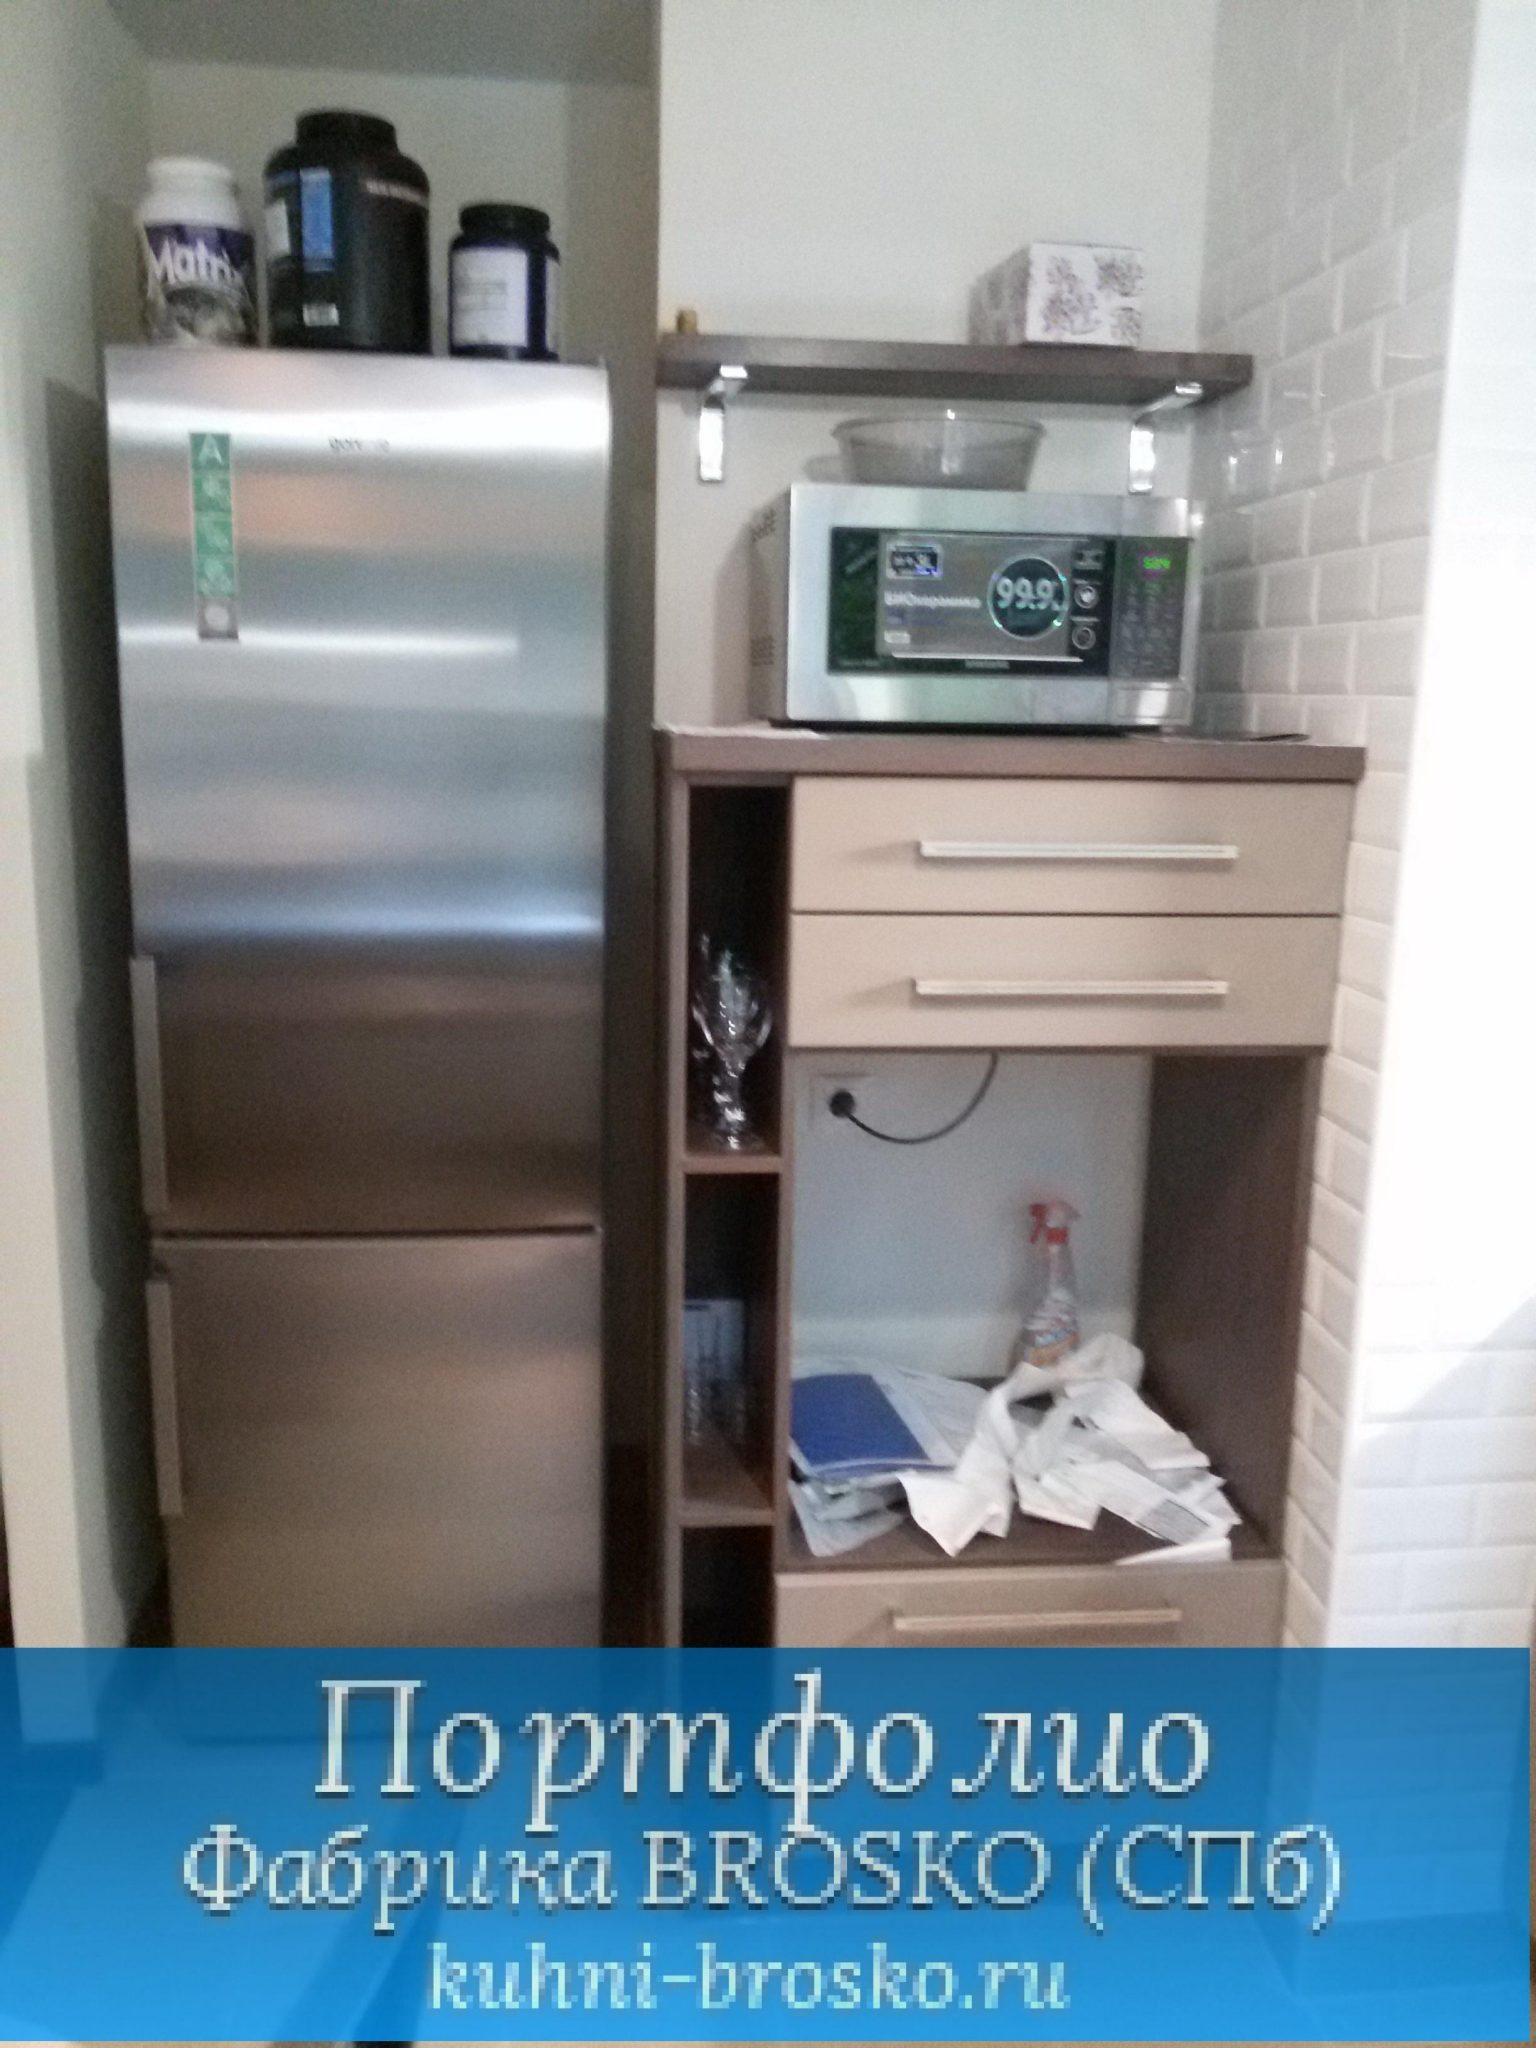 Кухня на Дальневосточном пр.